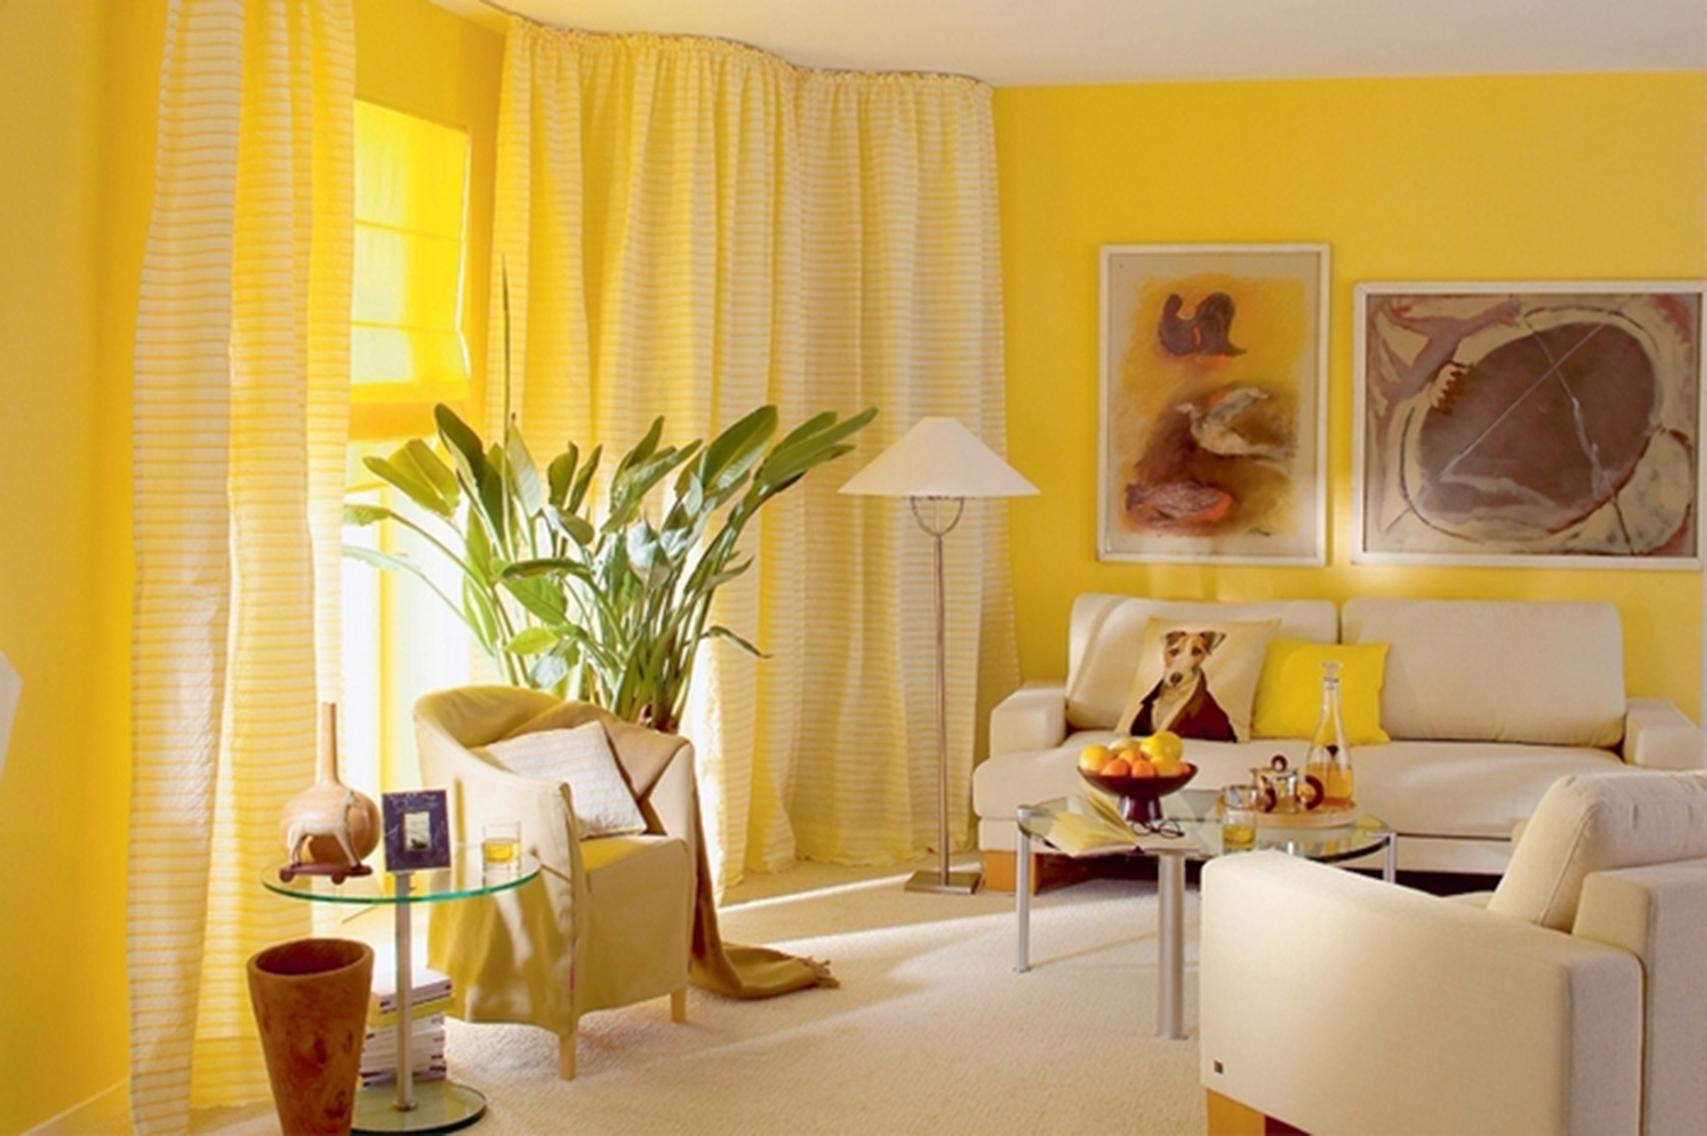 Сочетание желтых обоев в интерьере фото